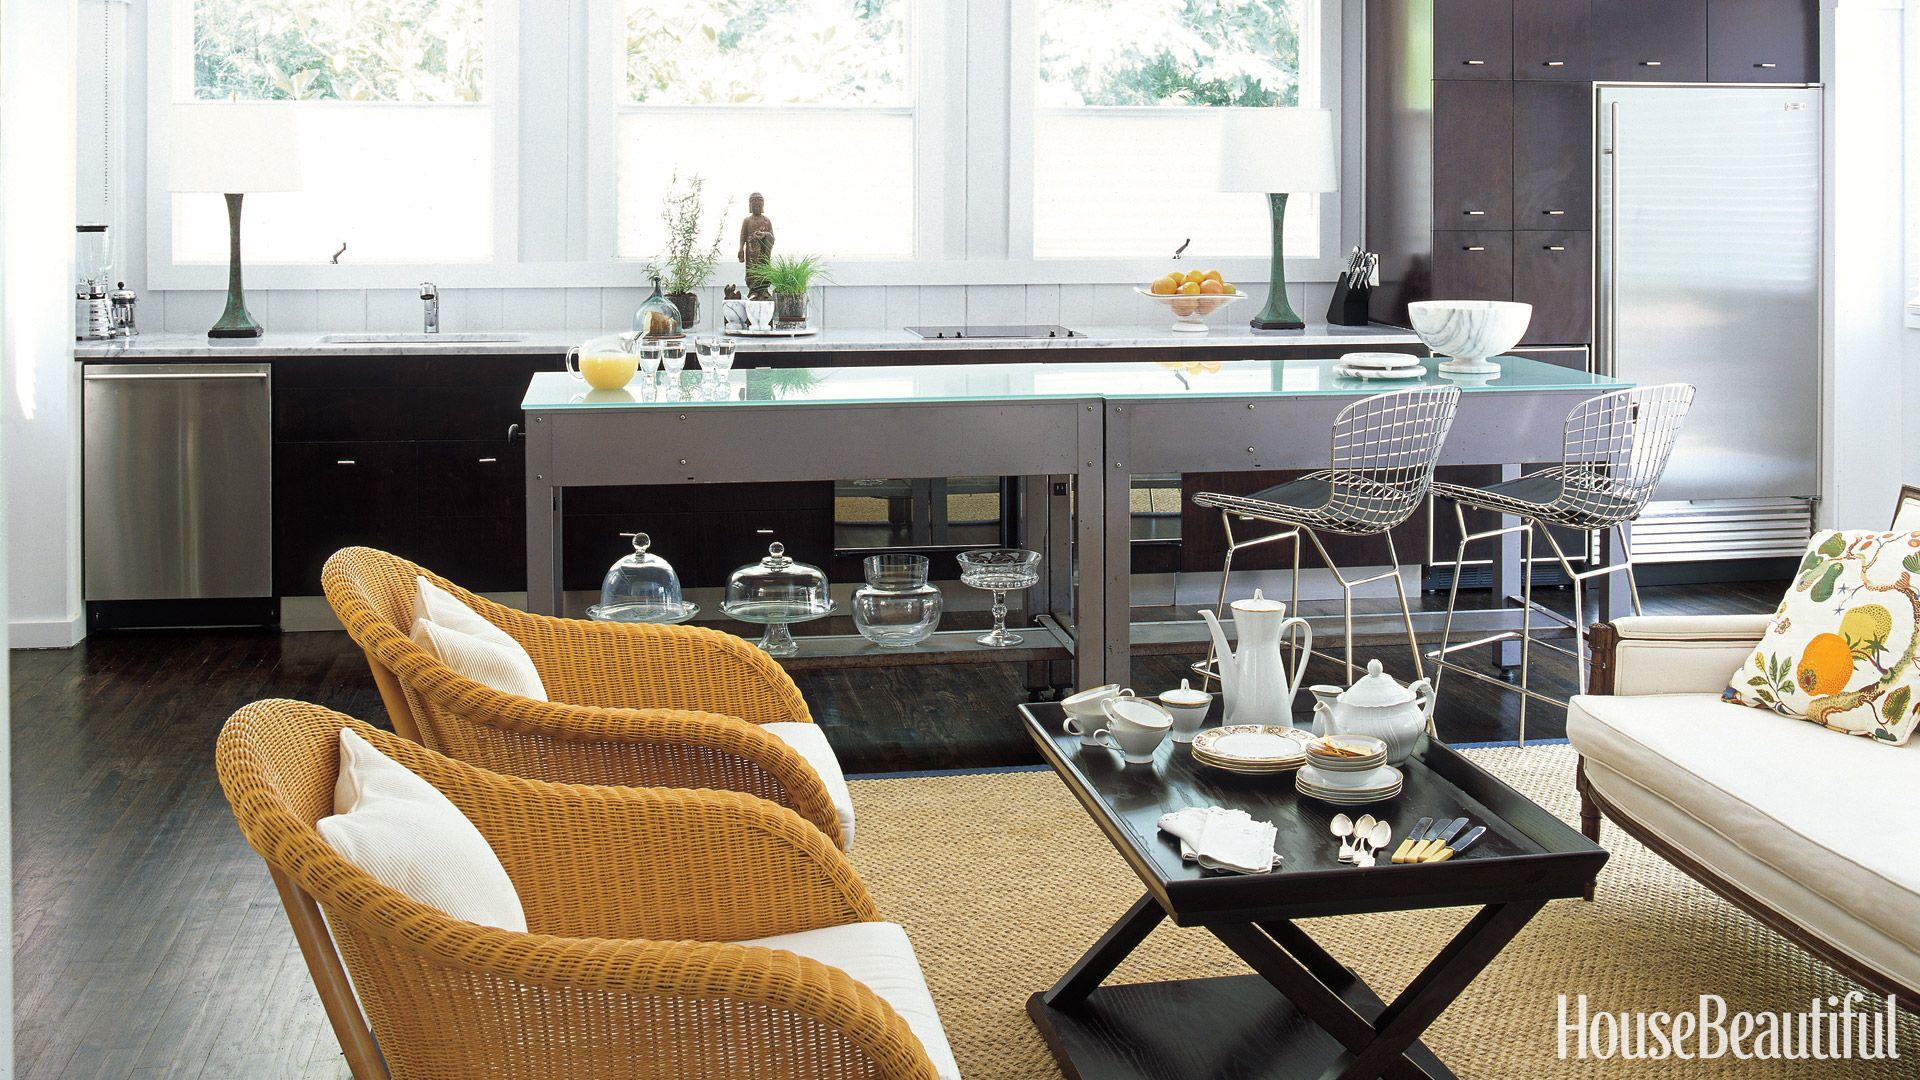 wicker kitchen chairs